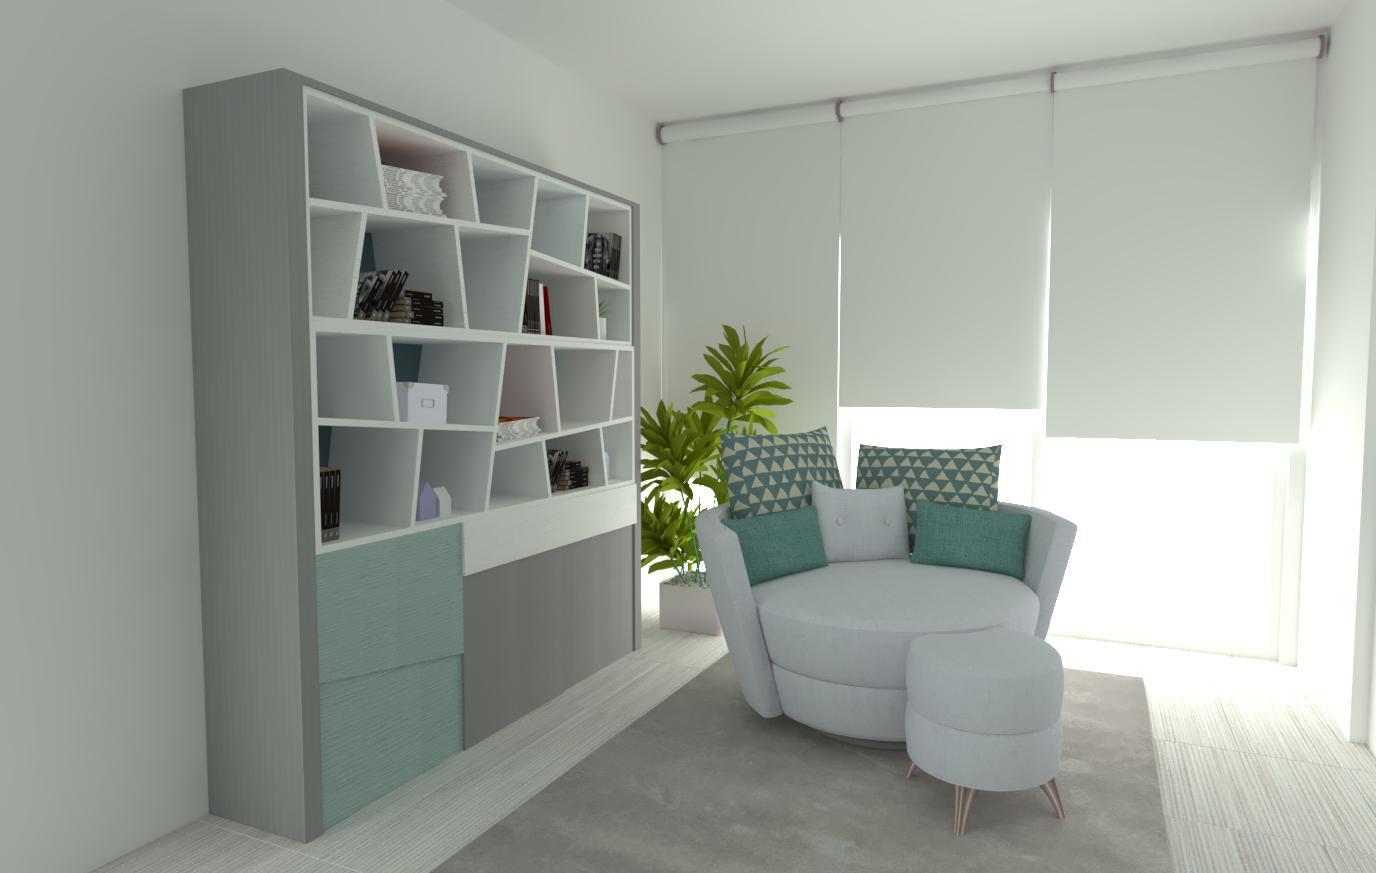 Salon con lectura saracibar sof s deco - Simulador decoracion salon ...